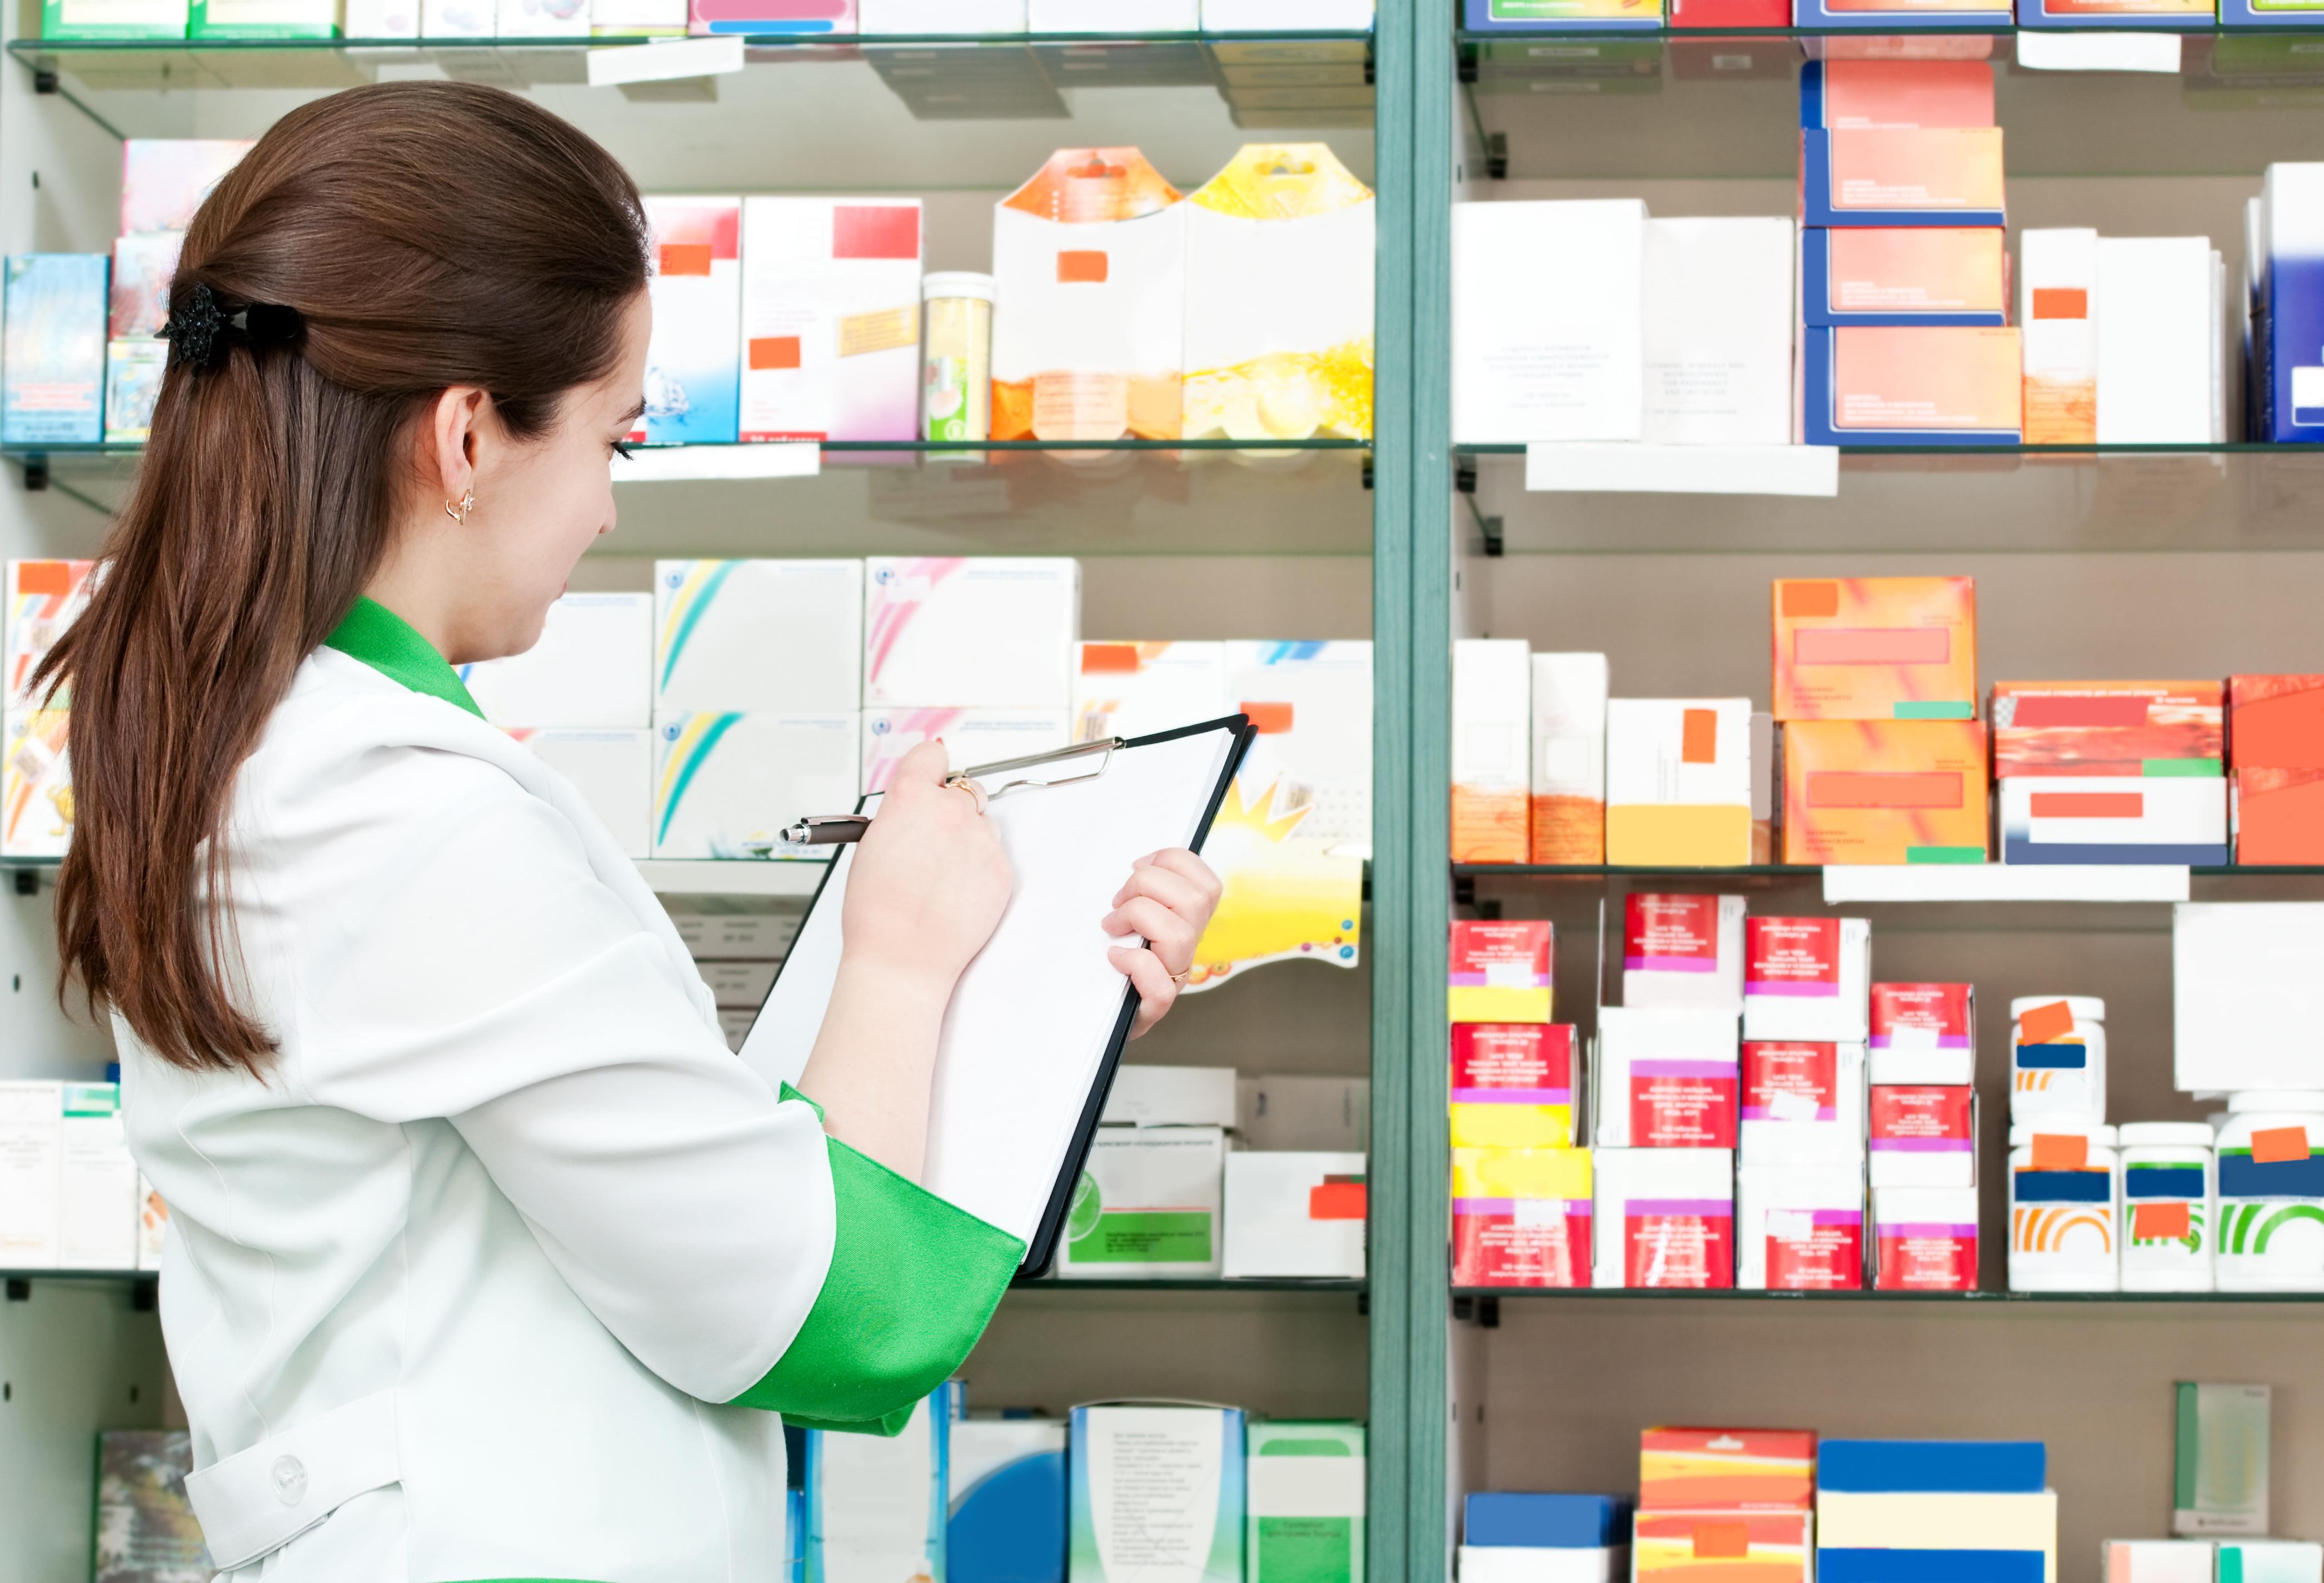 Distribuitorii de medicamente: Un sfert din farmacii sunt în stare de insolvenţă declarată sau nedeclarată